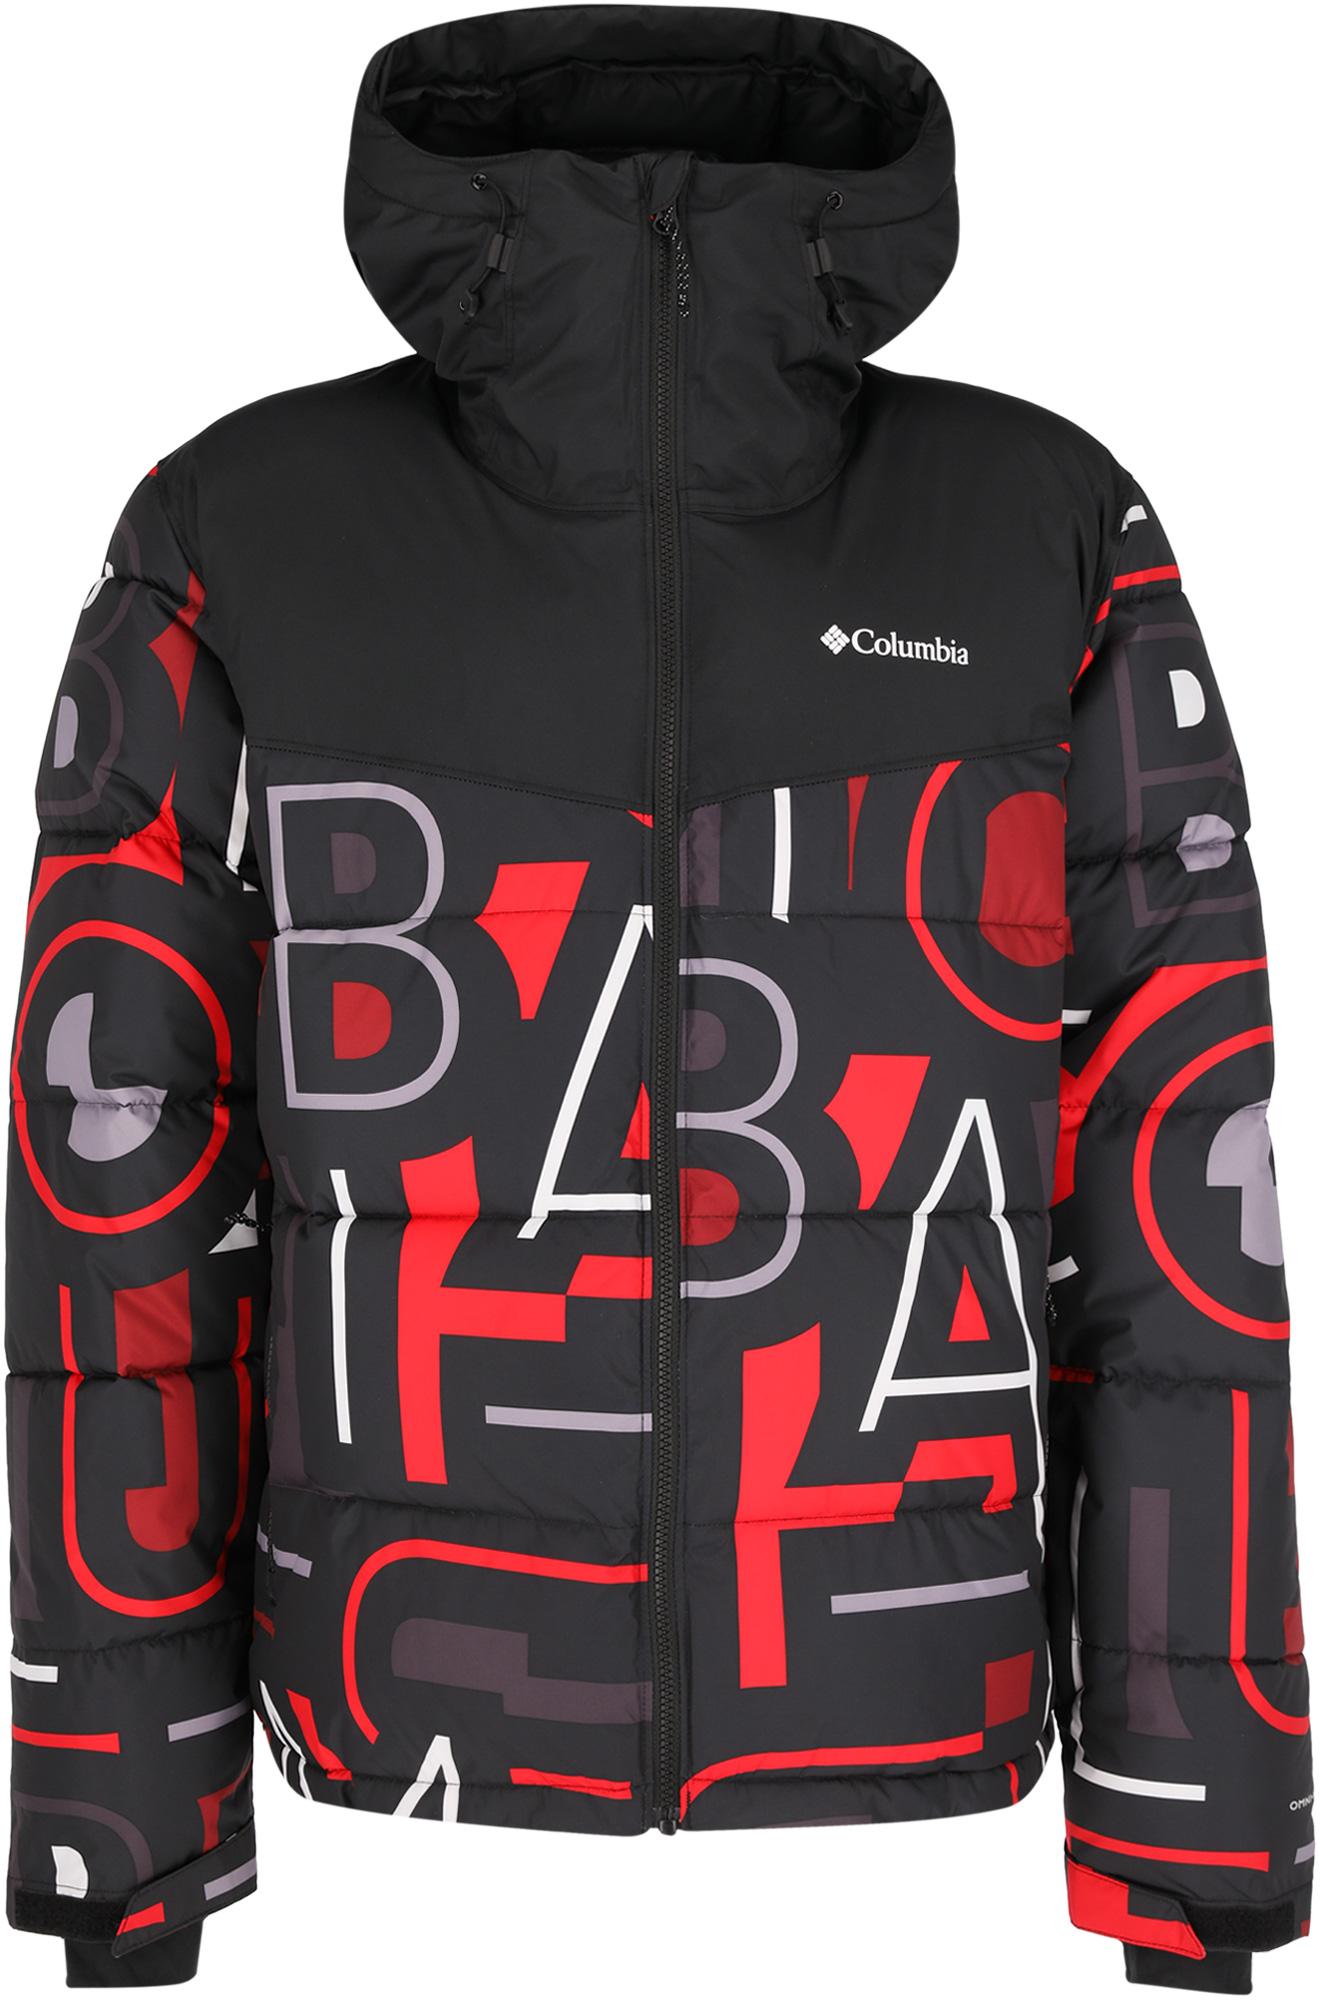 Columbia Куртка утепленная мужская Columbia Iceline Ridge™, размер 48-50 columbia куртка columbia falmouth™ размер 48 50